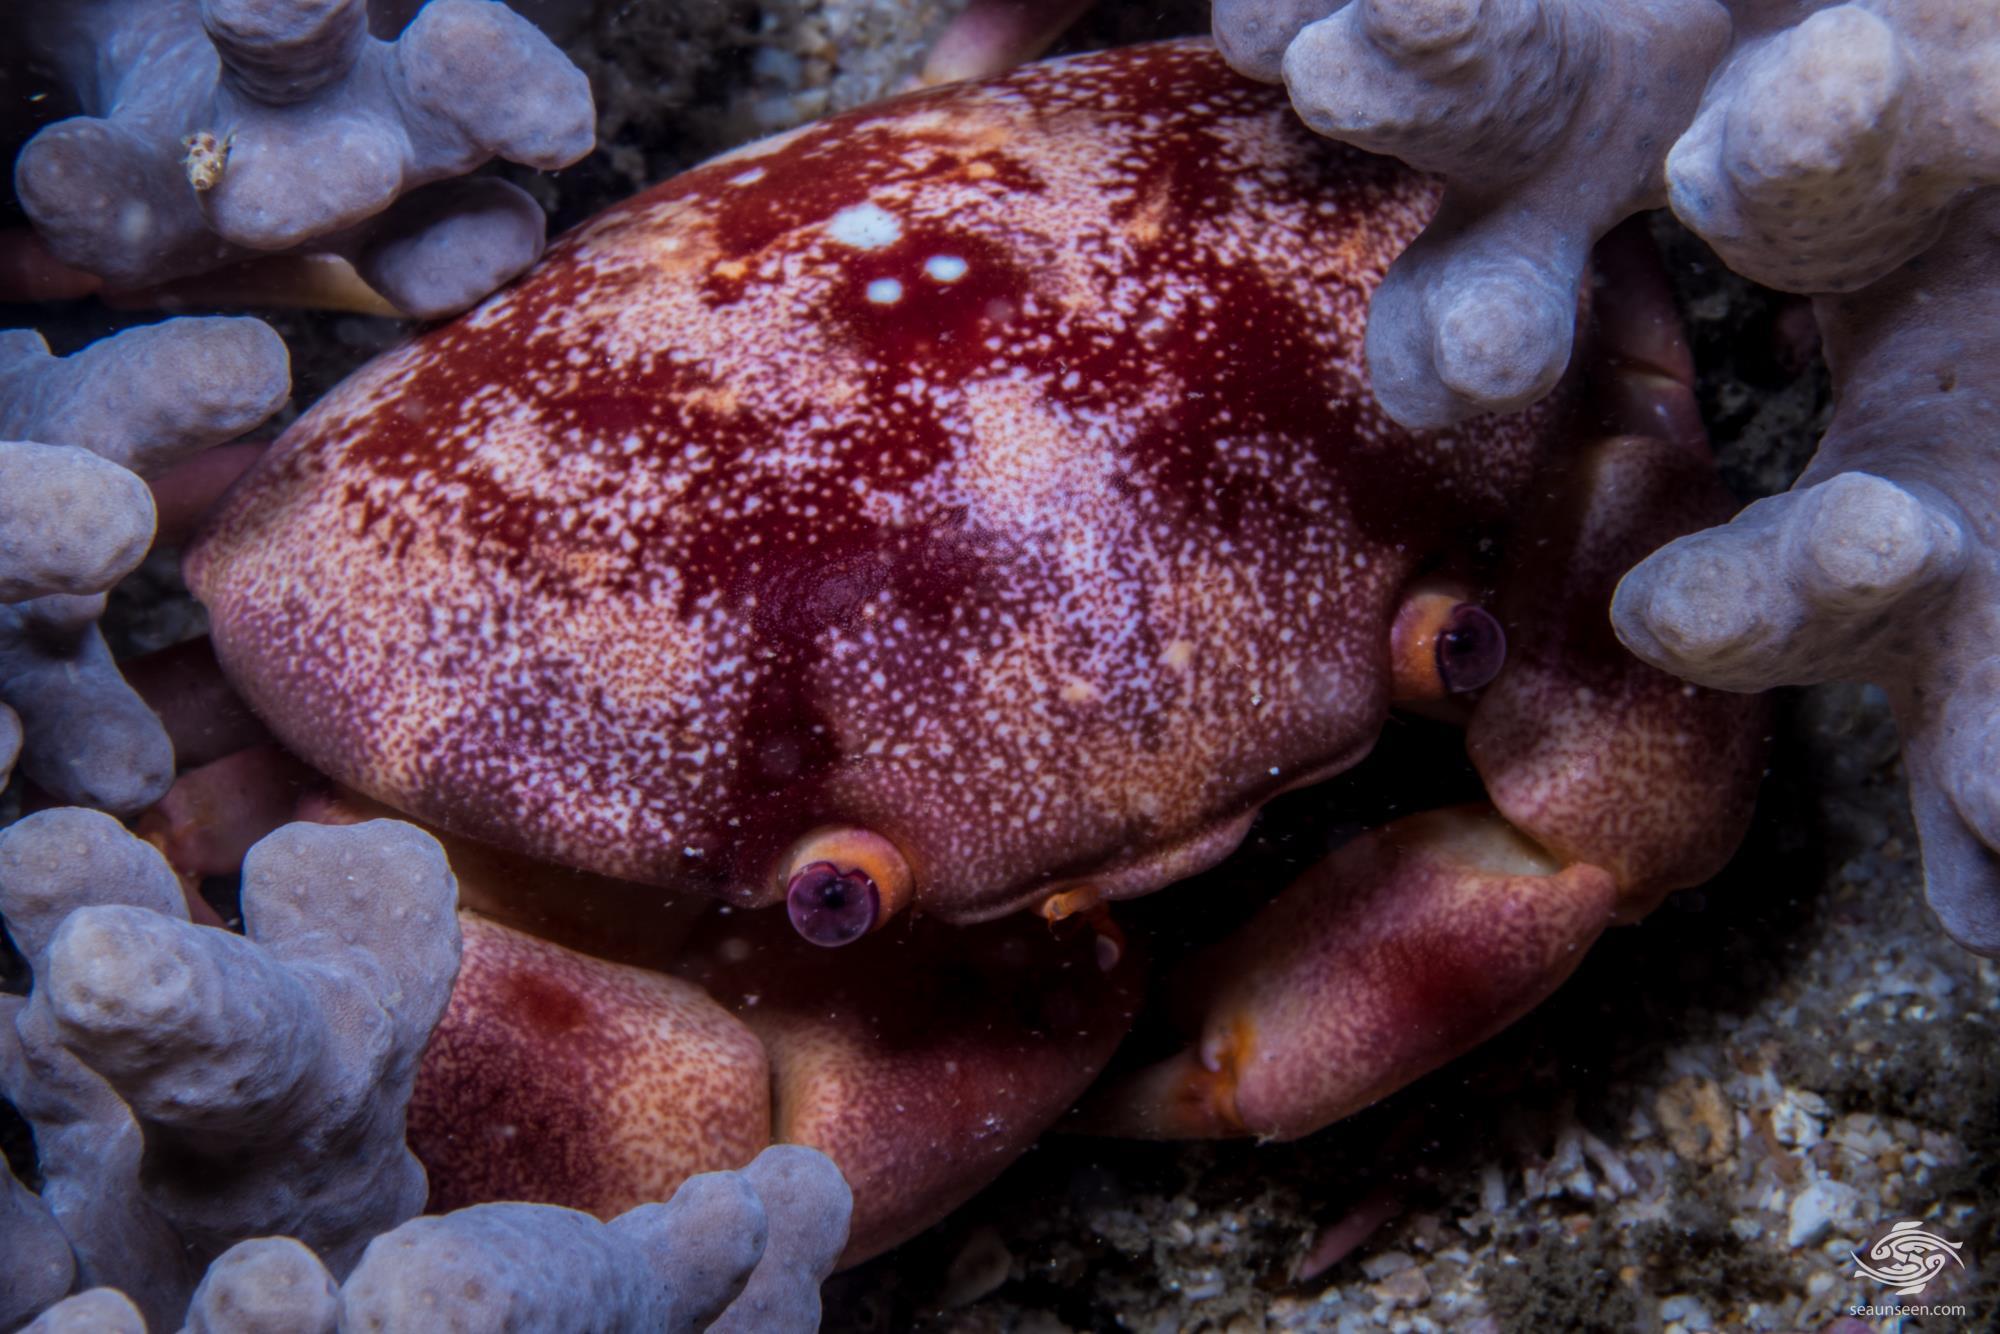 Convex reef crab (Carpilius convexus)